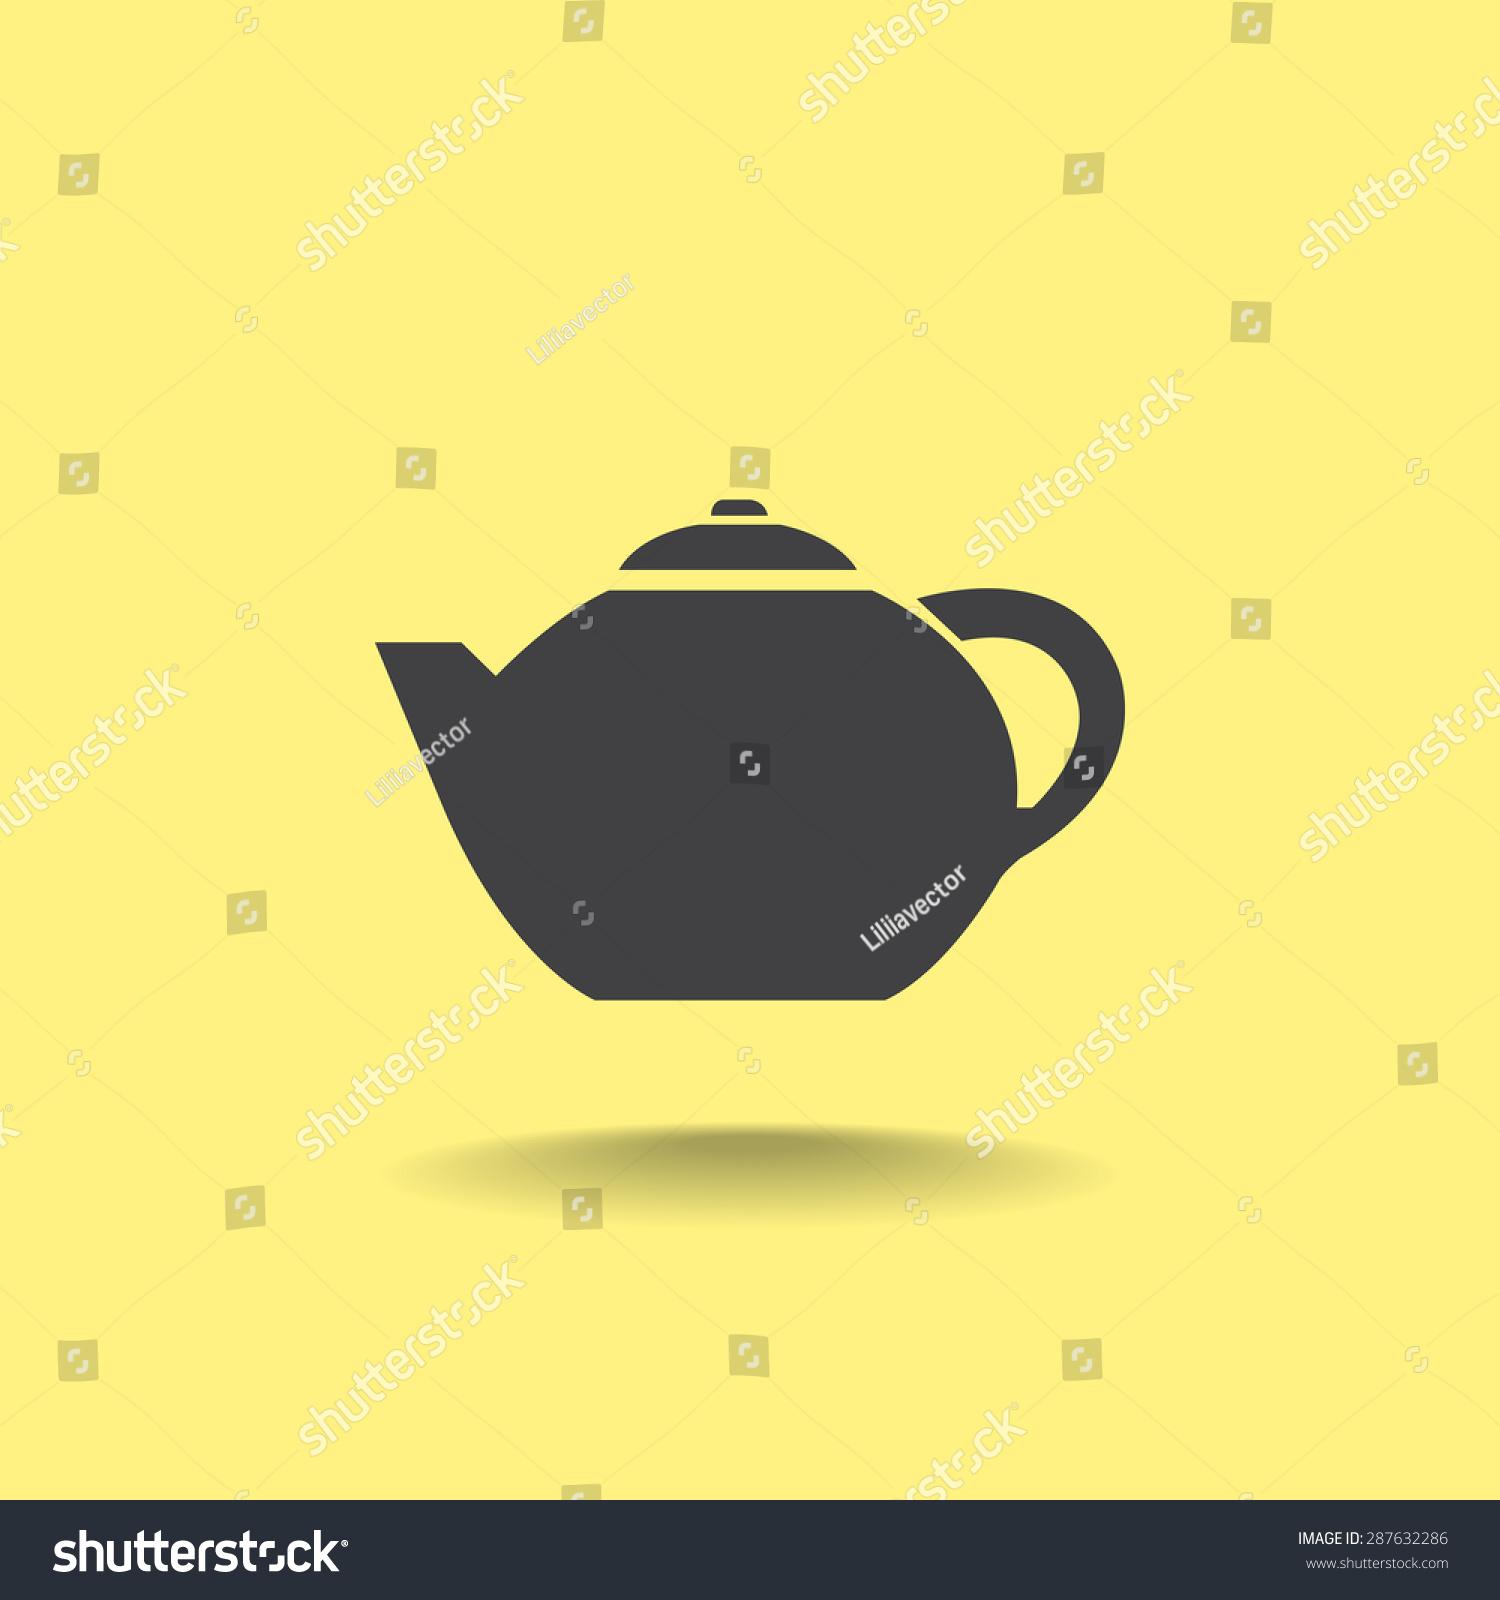 Teapot vector icon   EZ Canvas